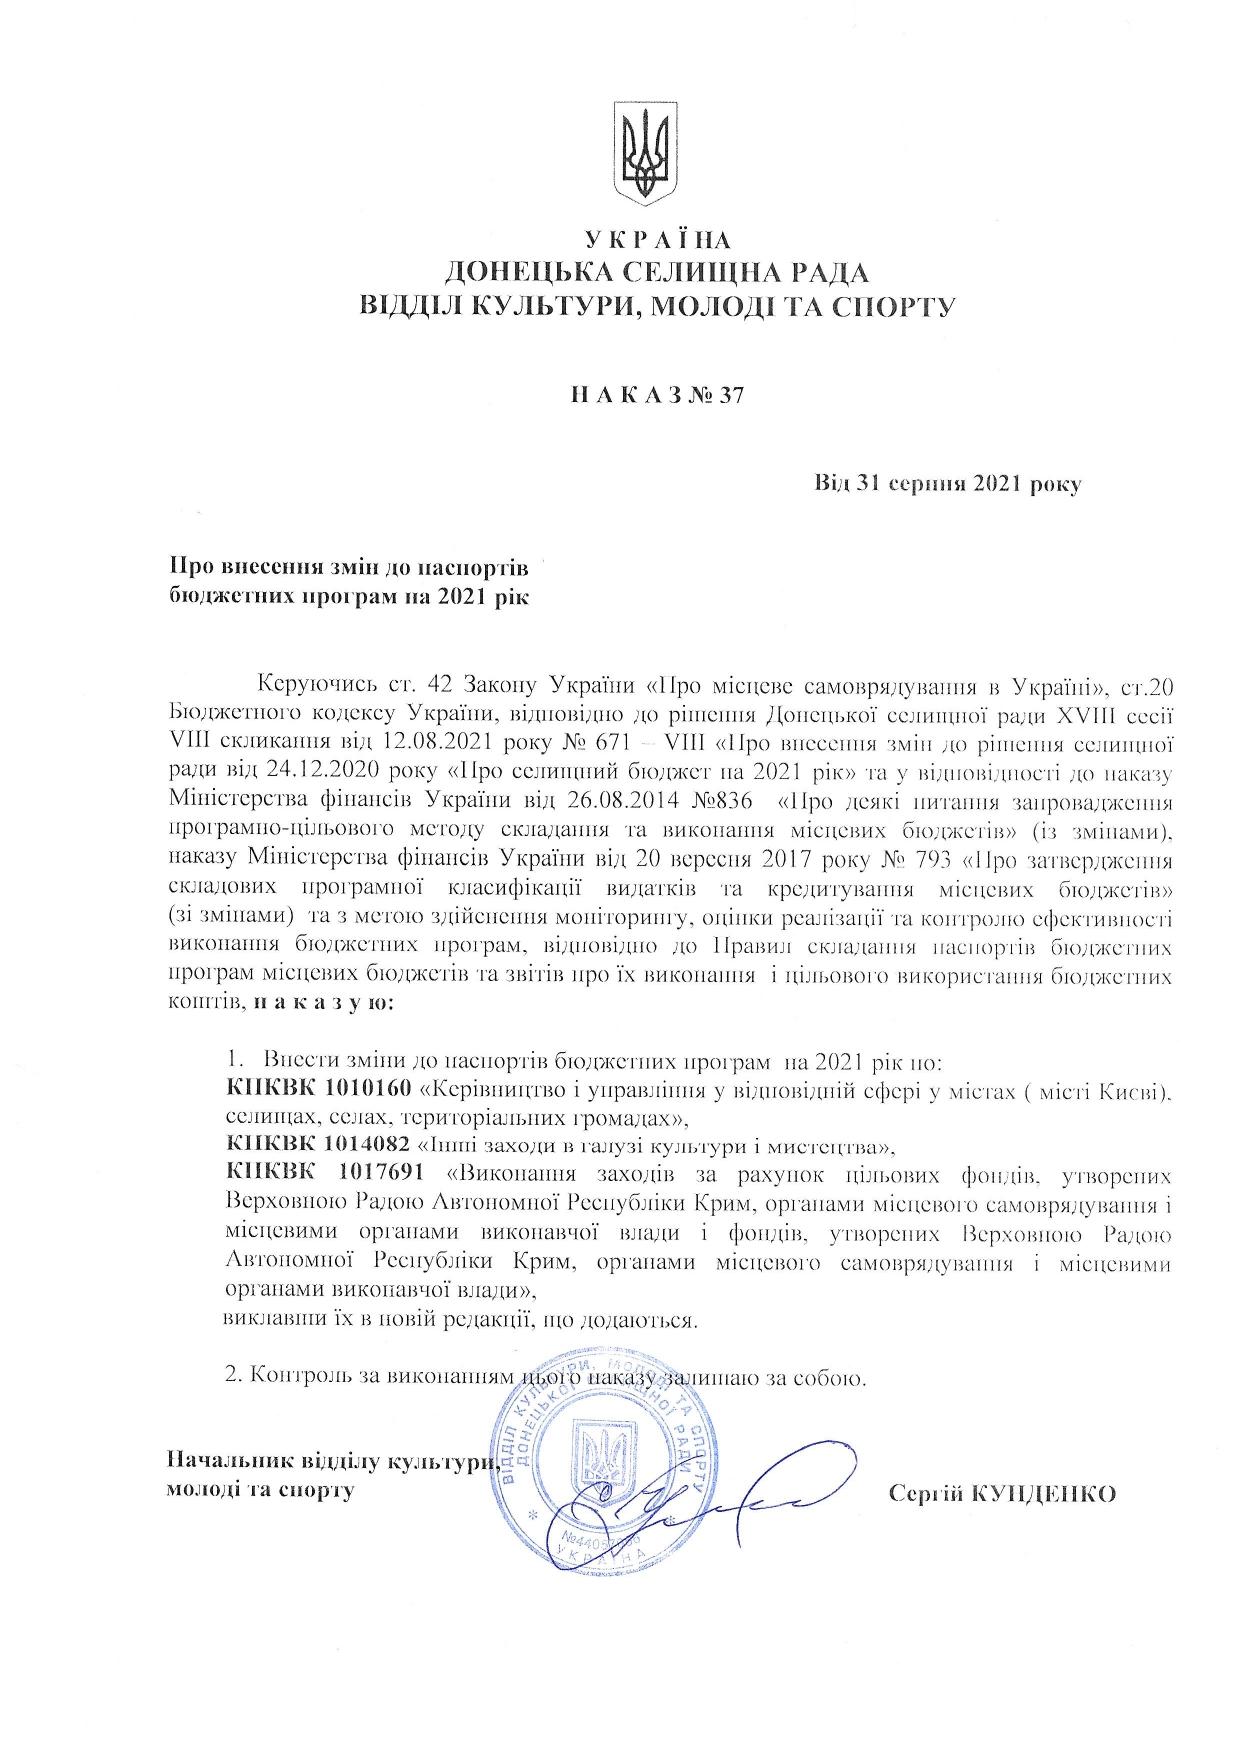 Наказ №37 Про внесення змін до паспортів бюджетних програм на 2021 рік